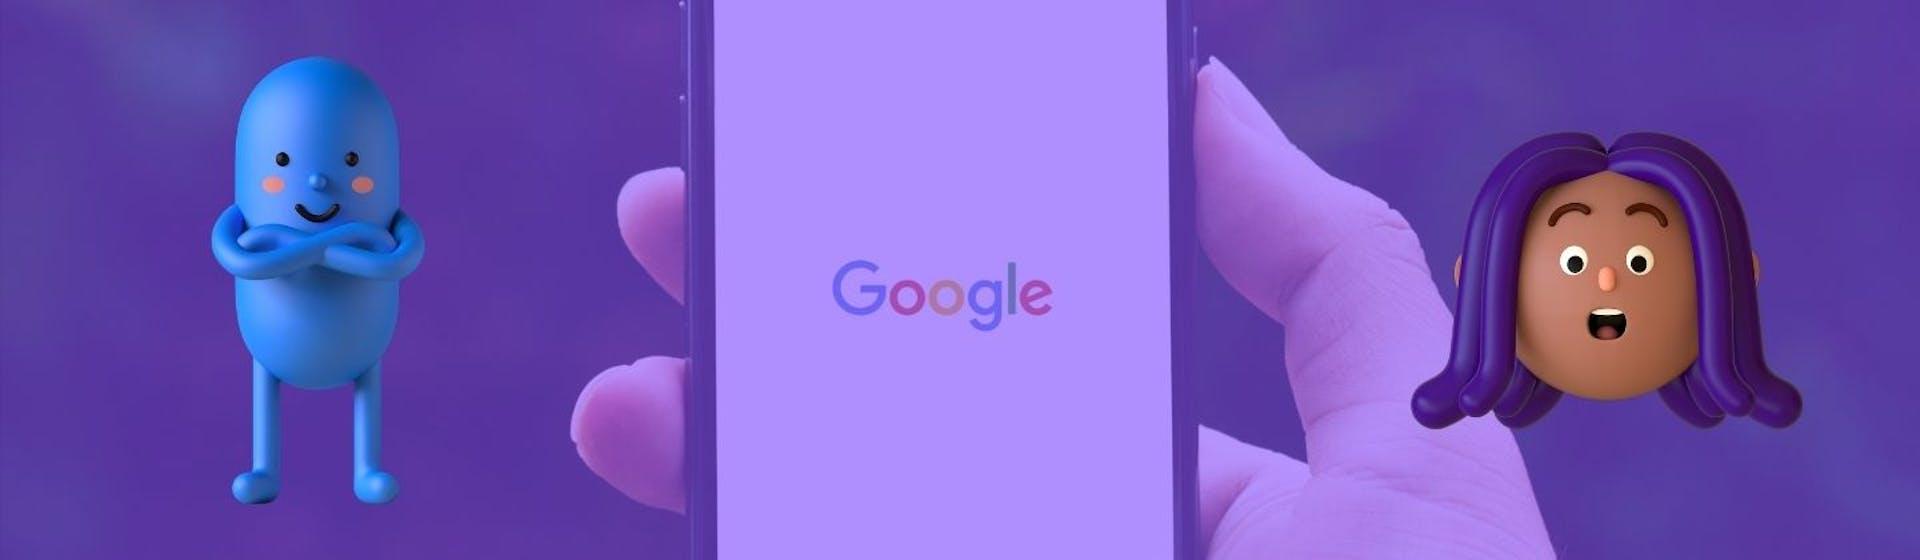 Google lanzó una nueva herramienta de animación 3D